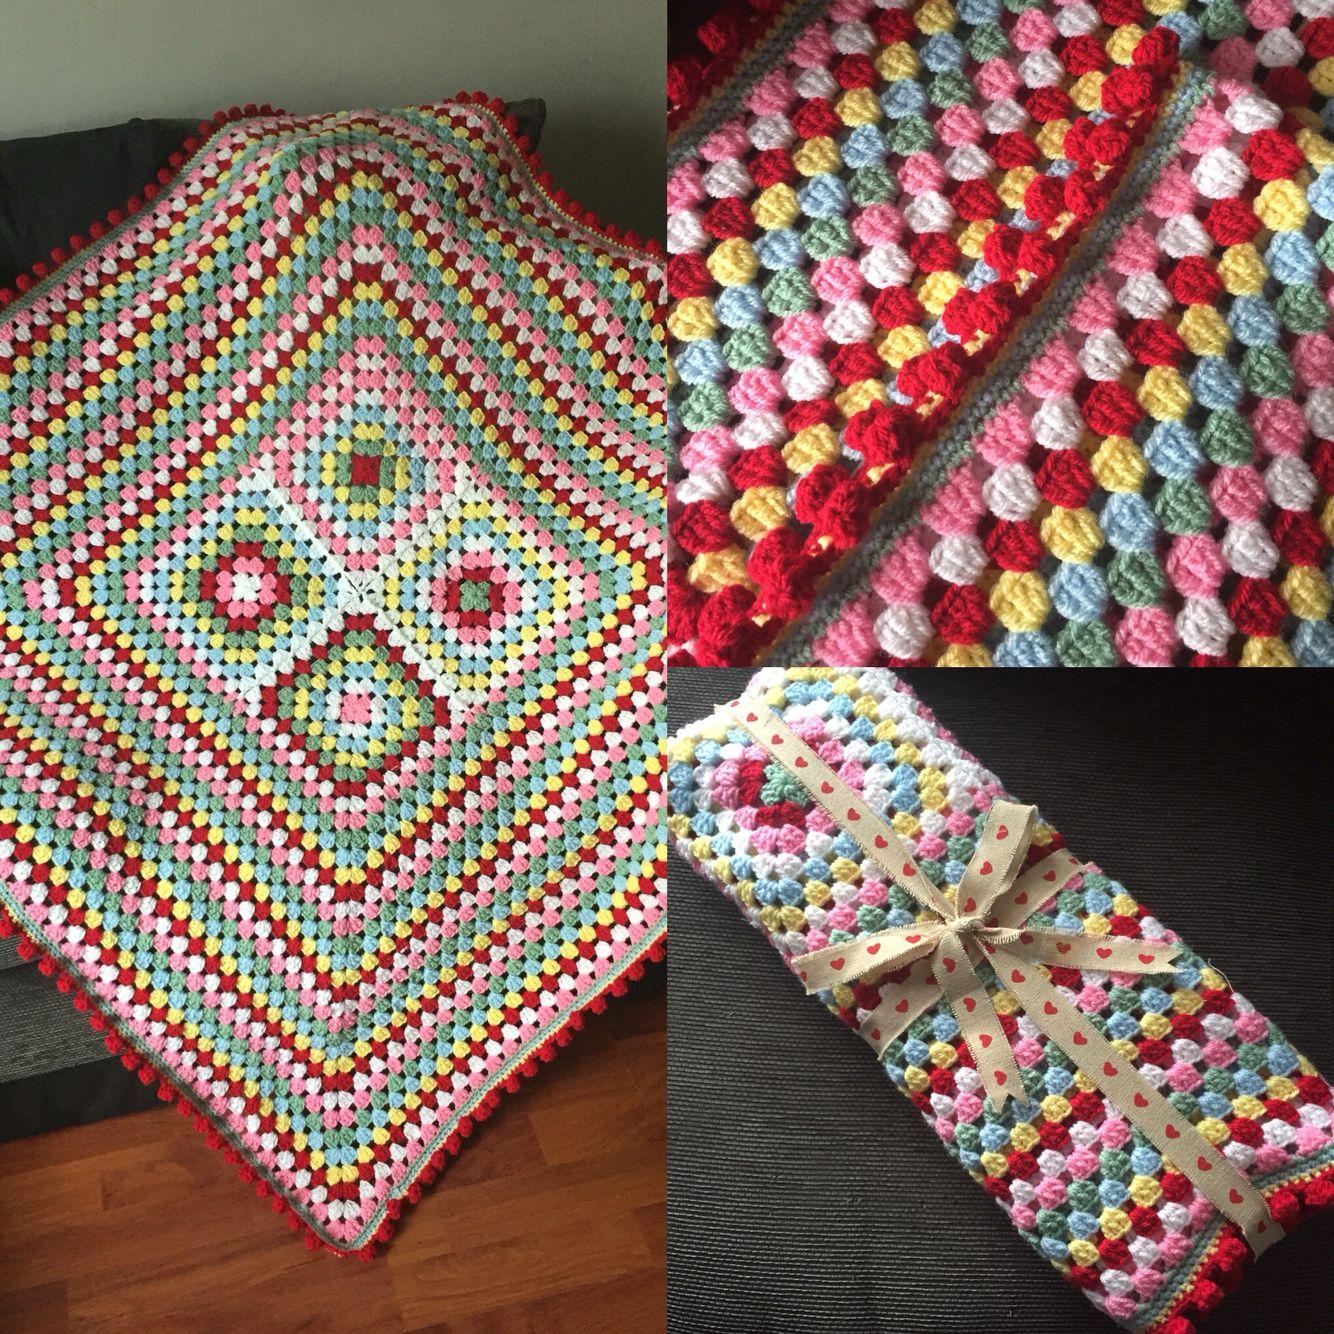 Crochet Cath Kidston Inspired Granny Square Blanket With Pom Pom